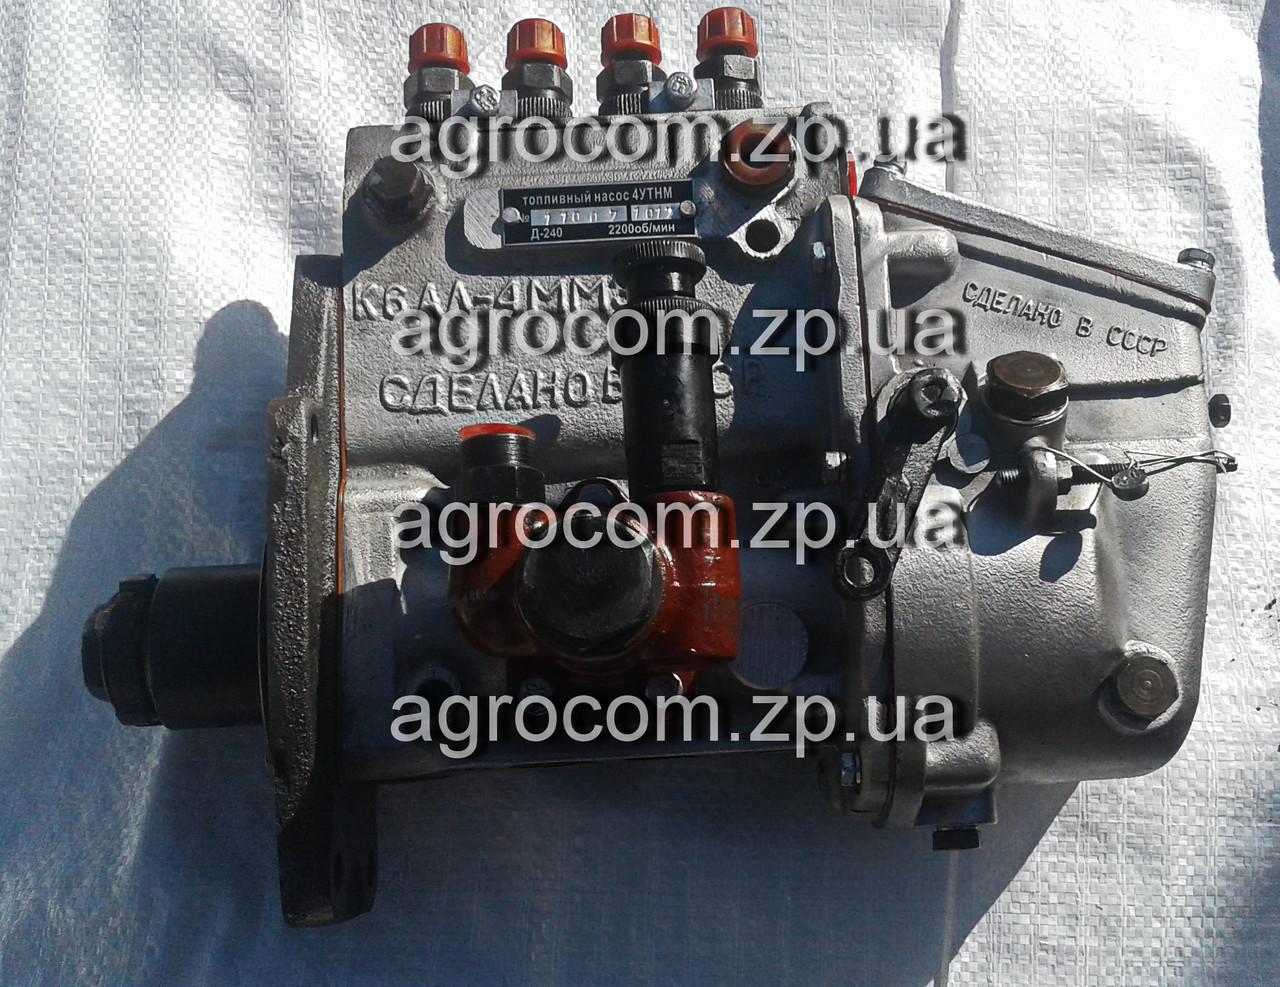 Топливный насос ТНВД  МТЗ-80, Д-240